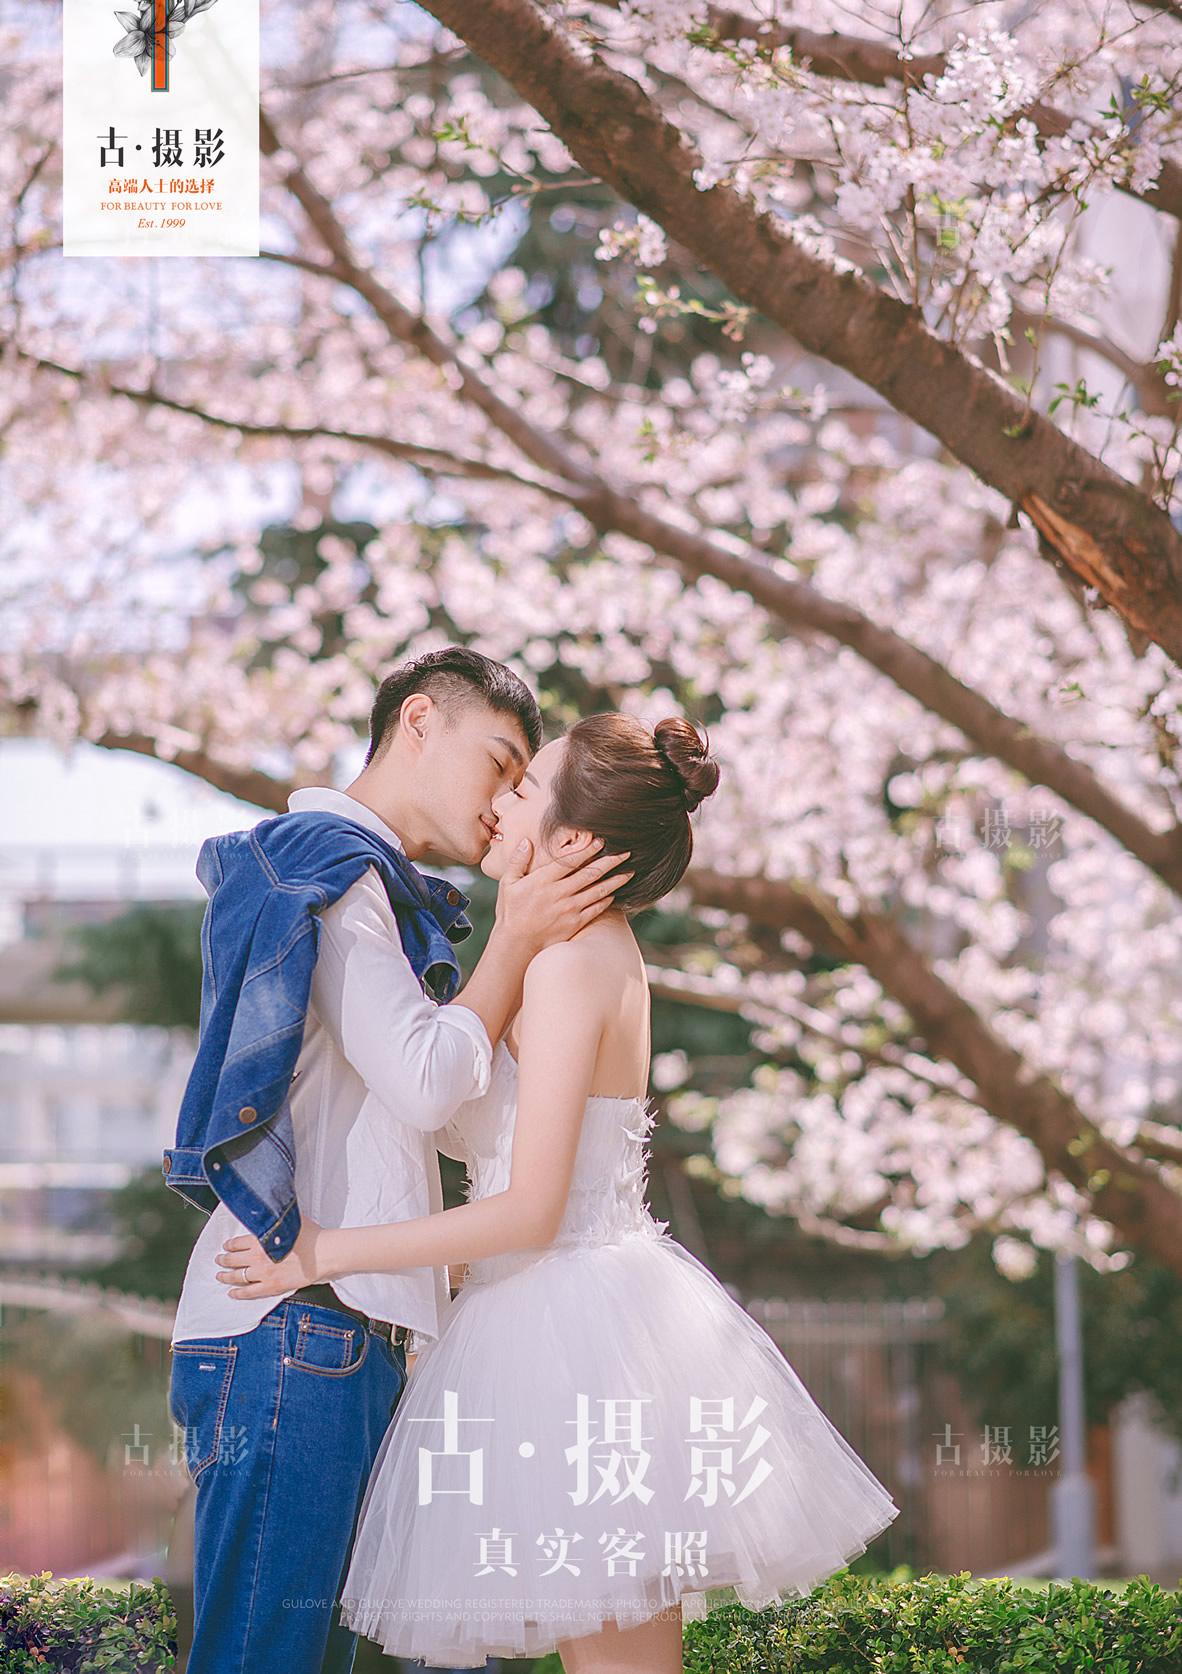 9月27日客片傅先生 邬小姐 - 每日客照 - love上海古摄影-上海婚纱摄影网